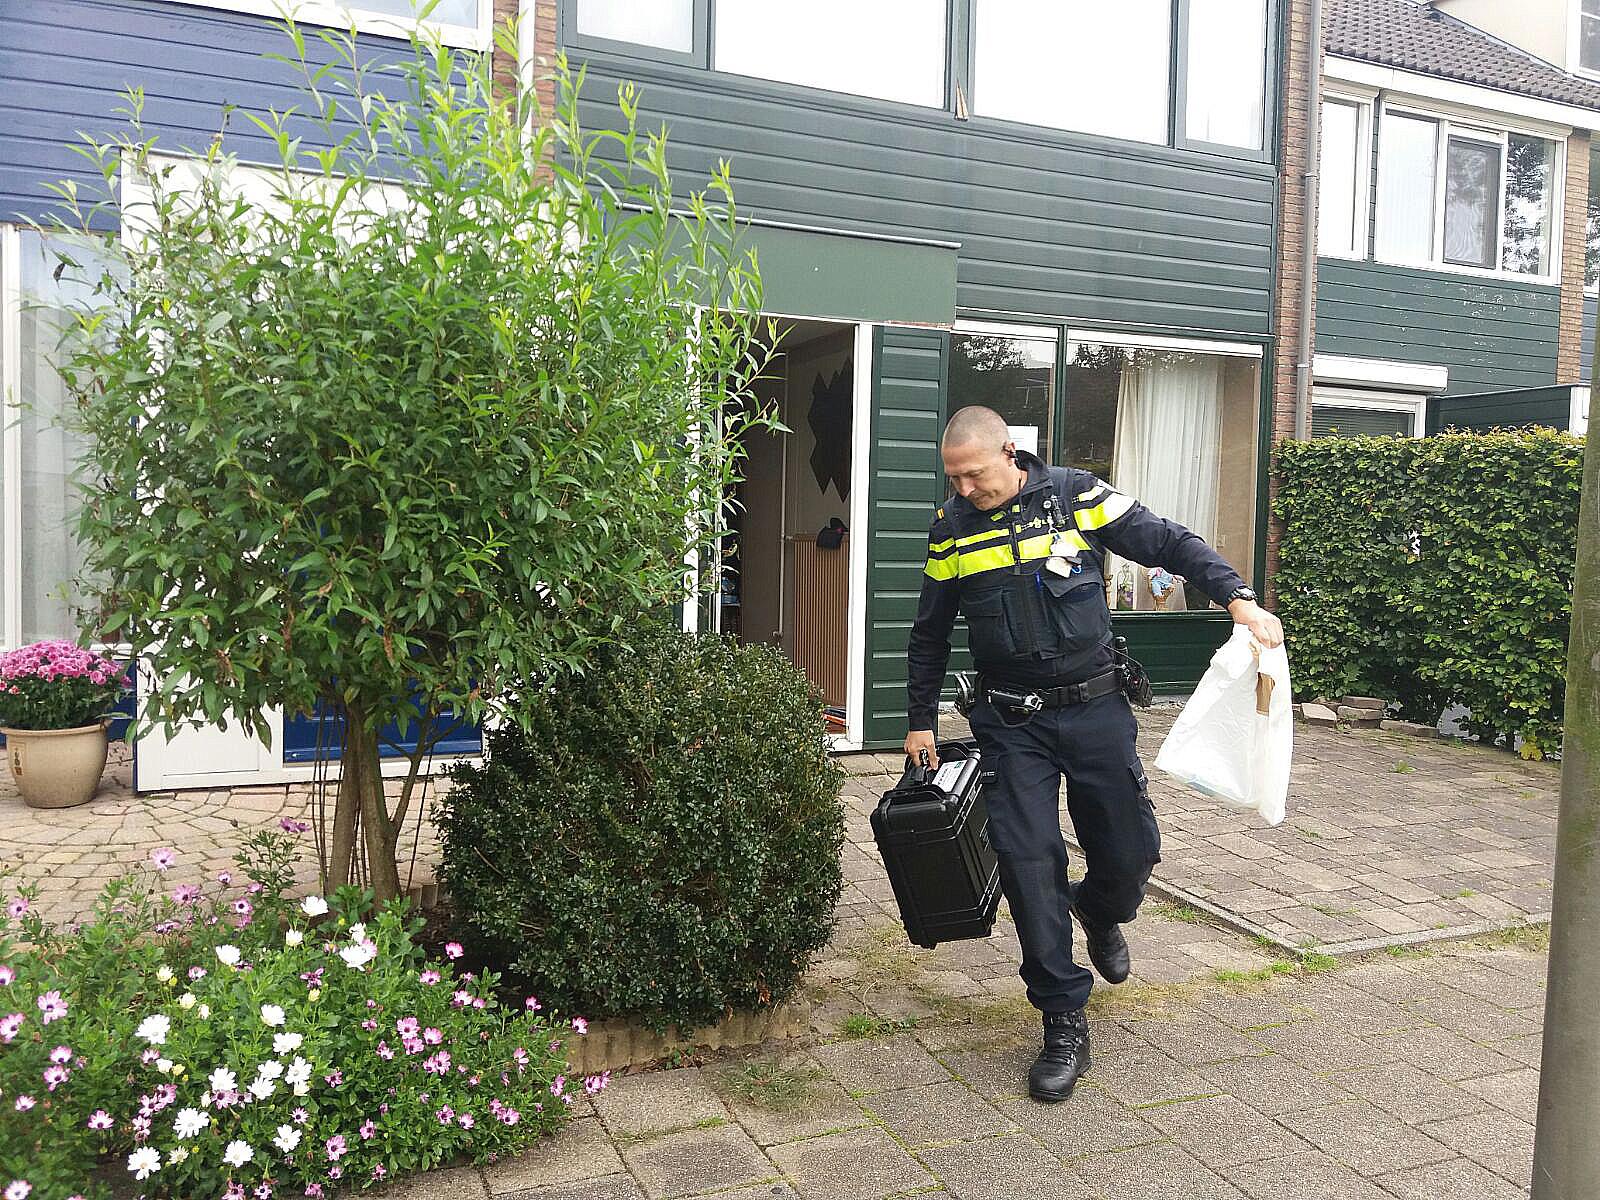 Burgemeester sluit drugspand in Oudewater